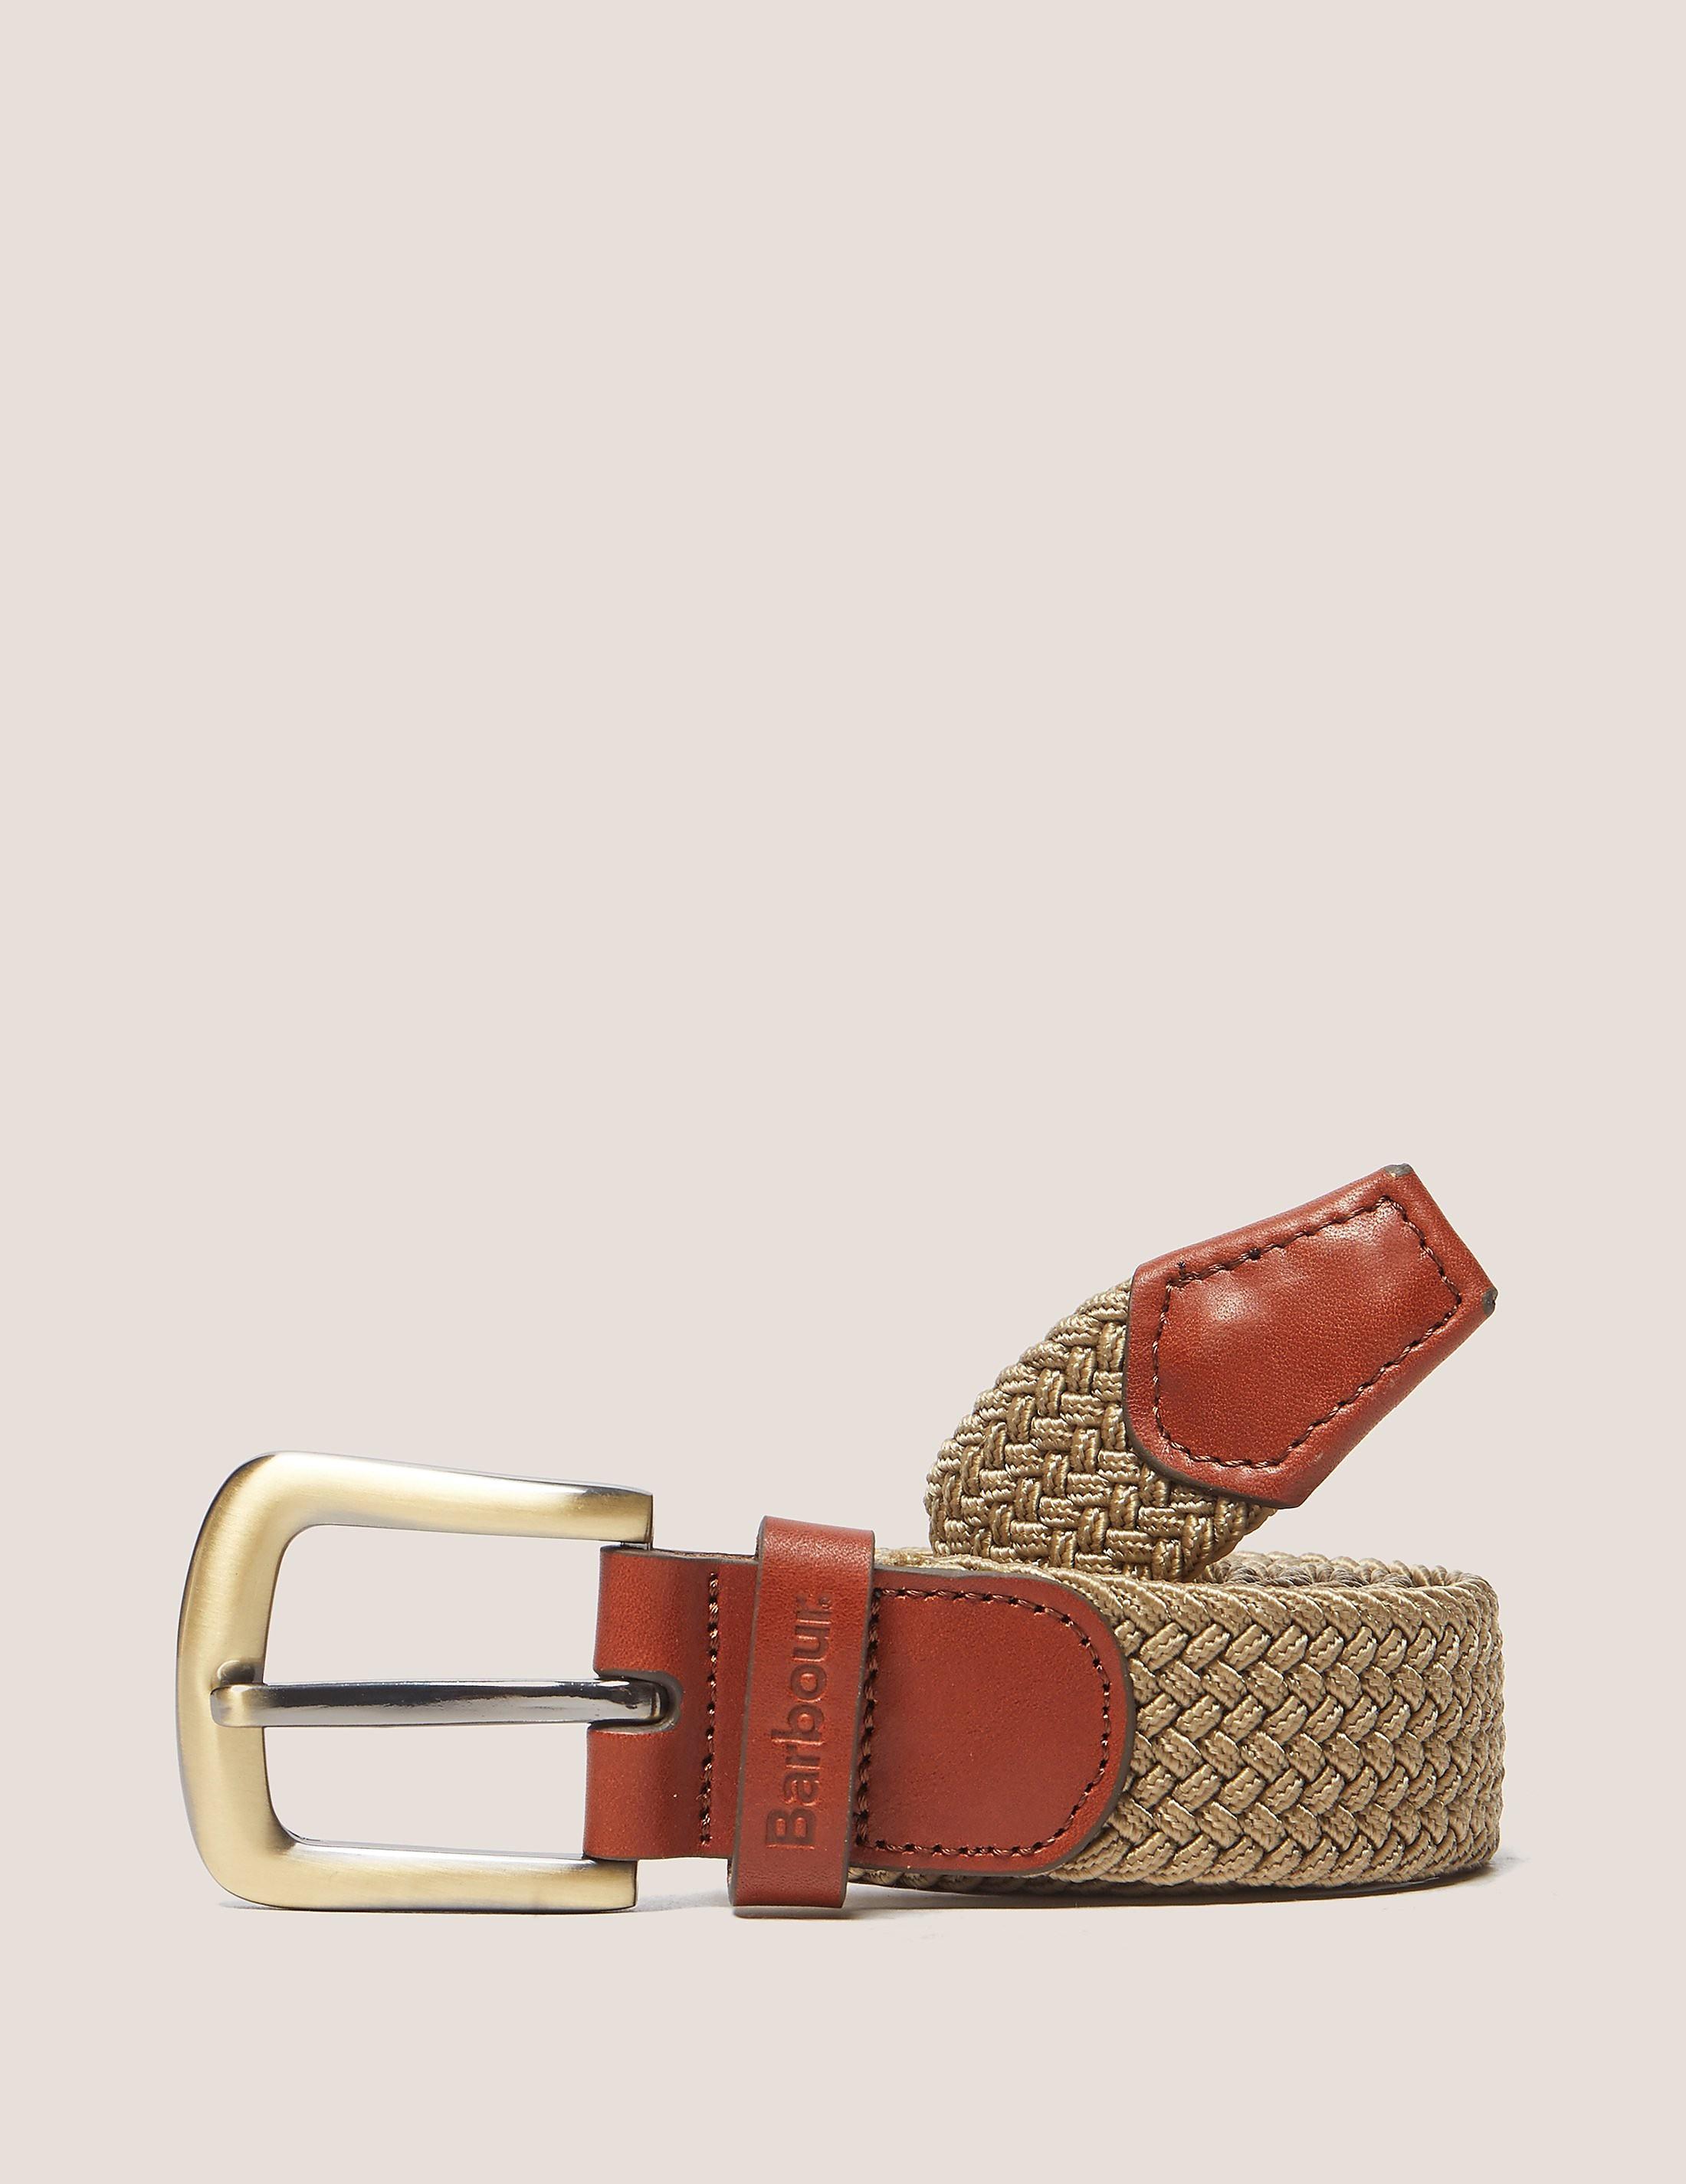 Barbour Webbing Leather Belt